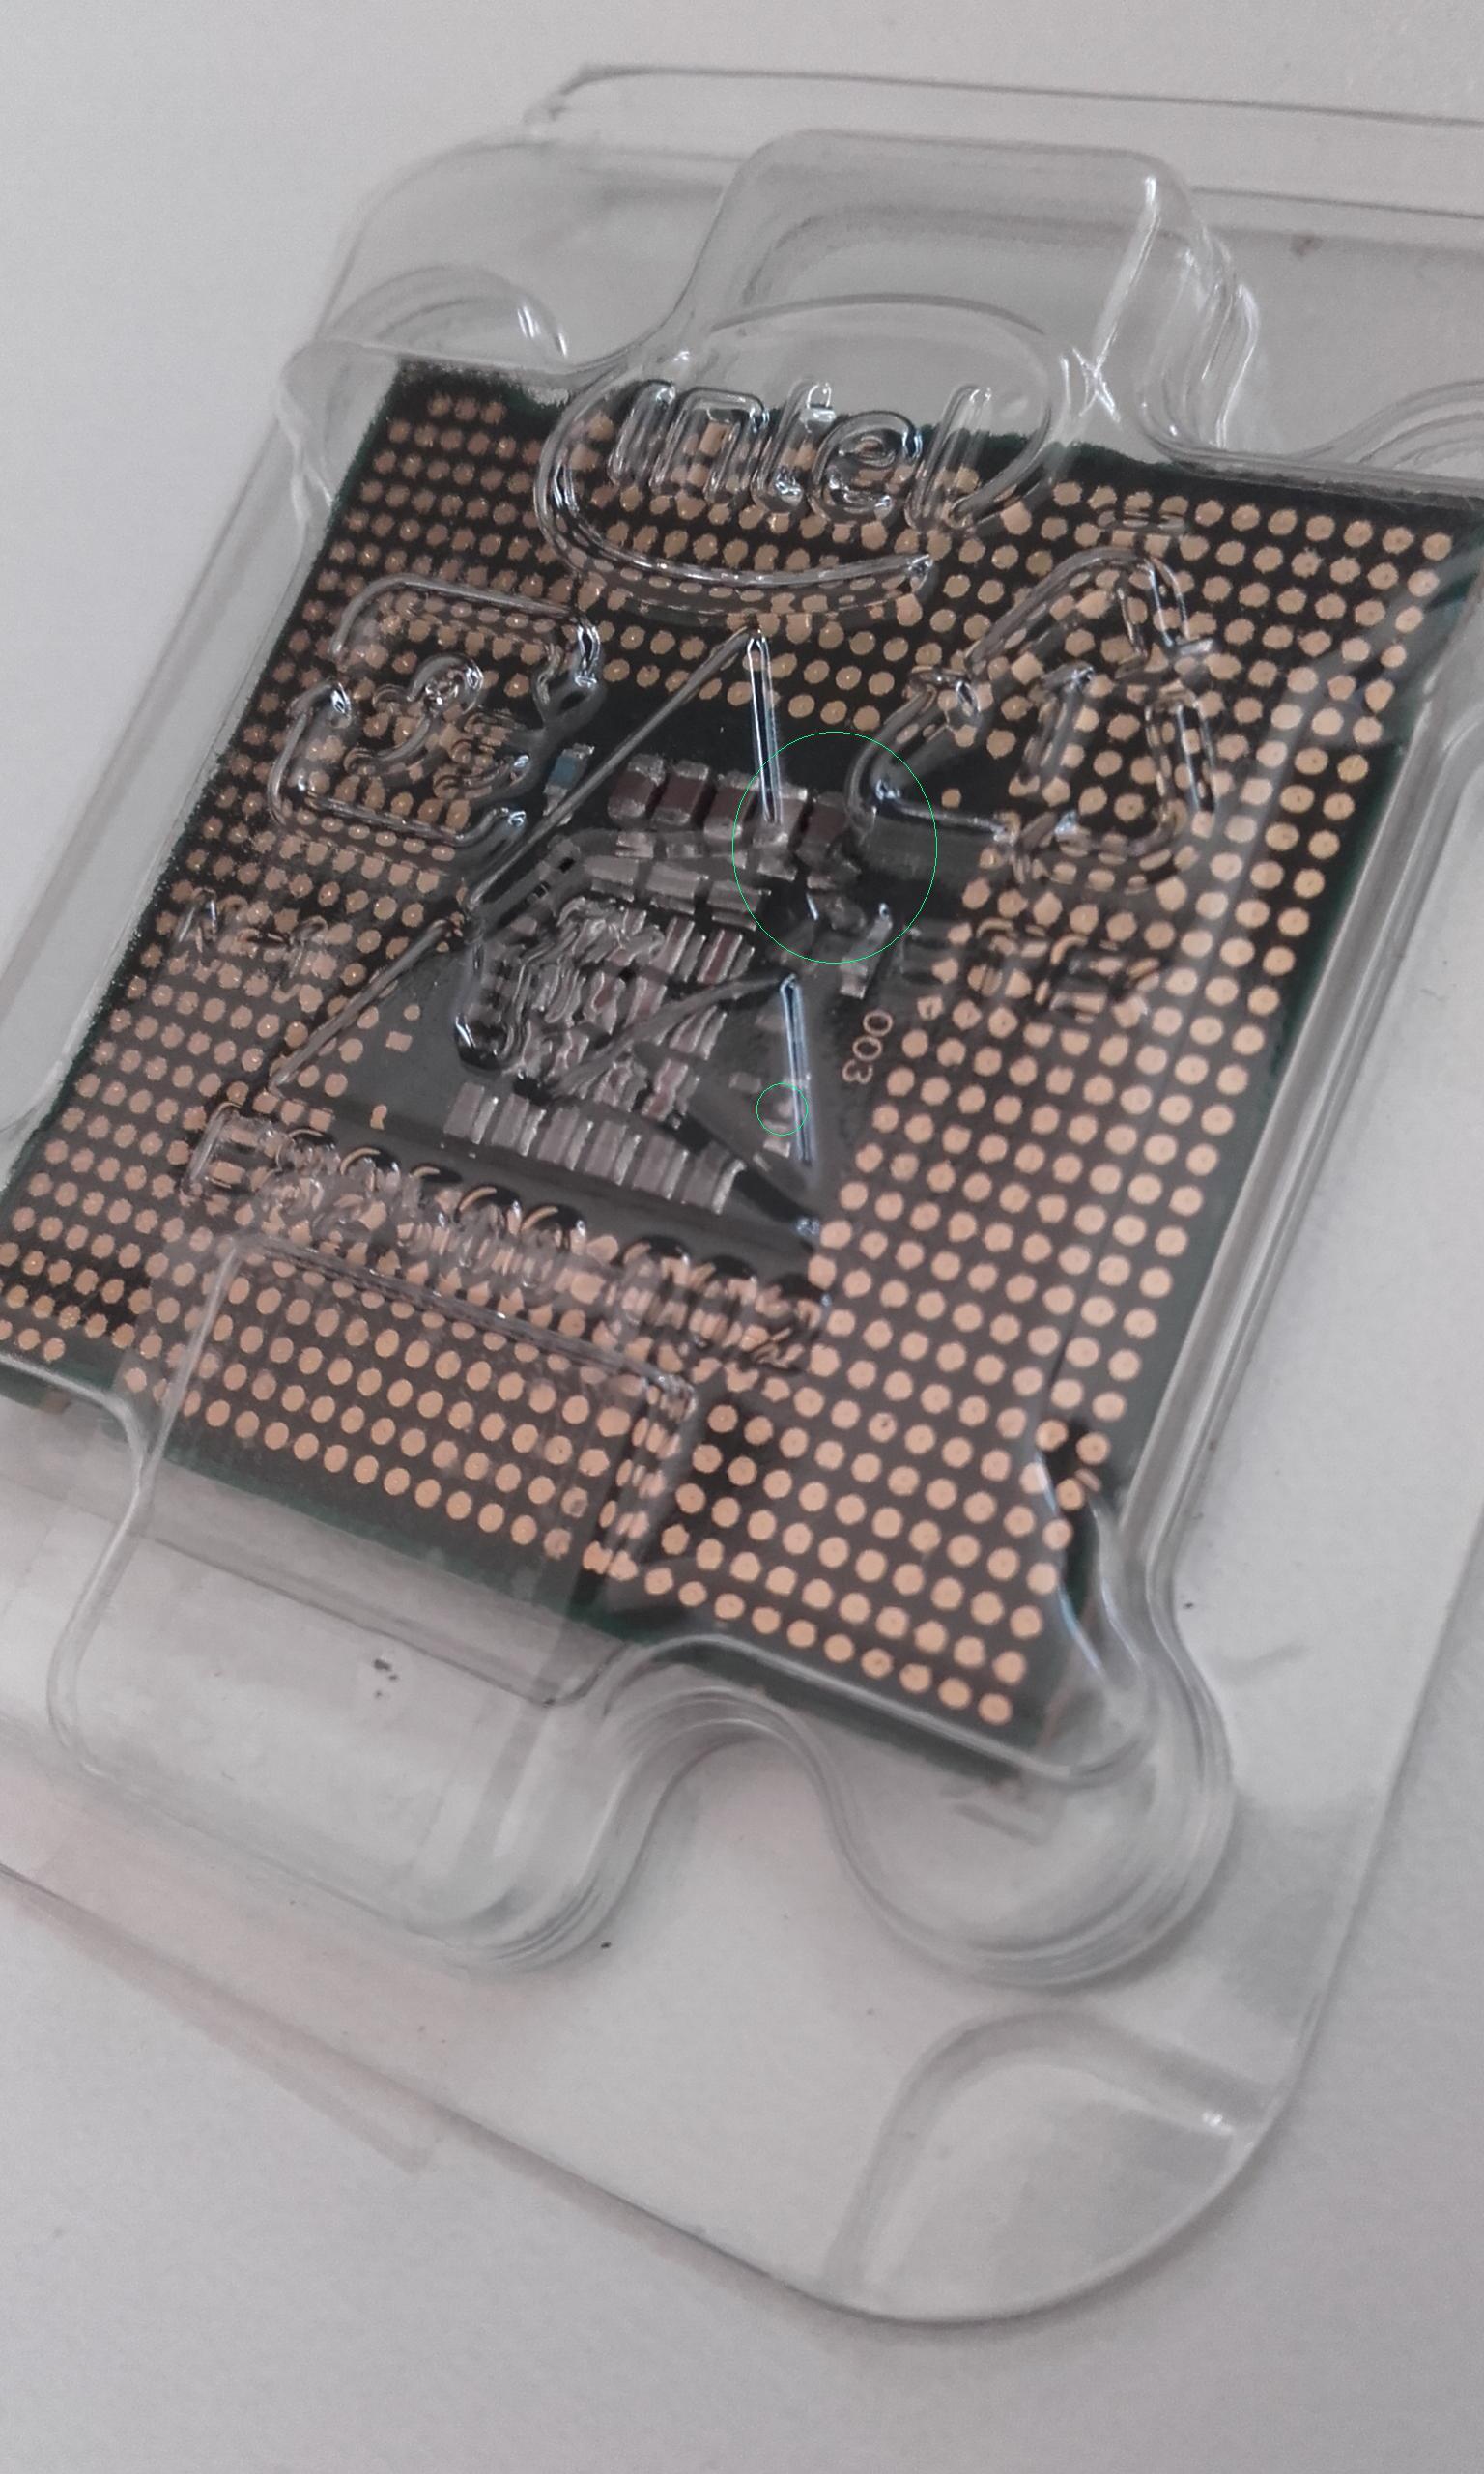 598586e907e75-CPU.JPG